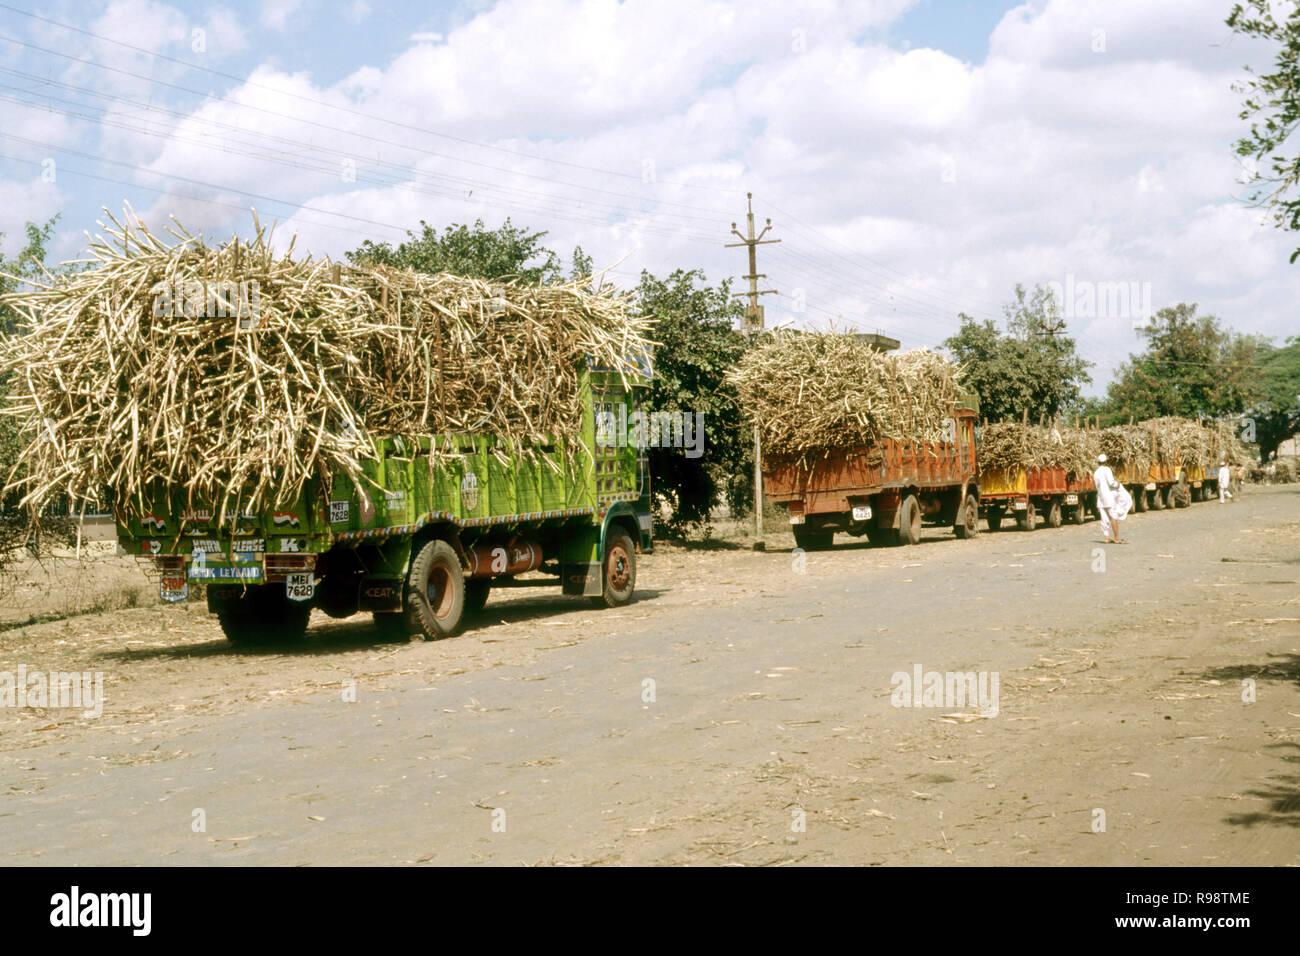 Trucks carrying sugar cane Maharashtra India - Stock Image